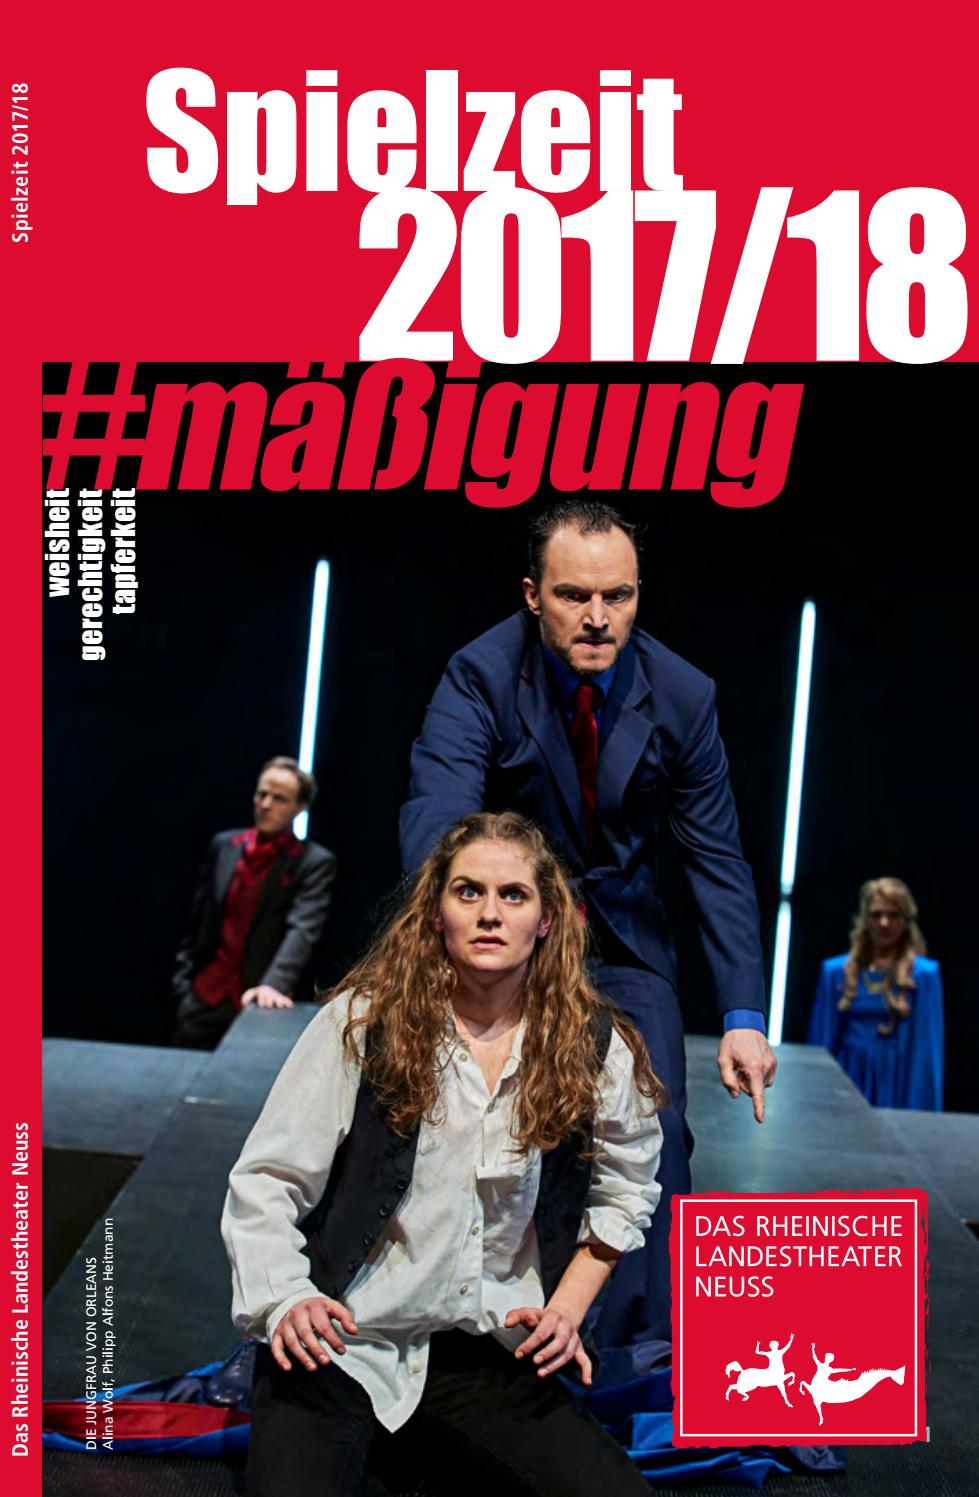 Spielzeitheft 2017/18 by Rheinisches Landestheater Neuss - issuu